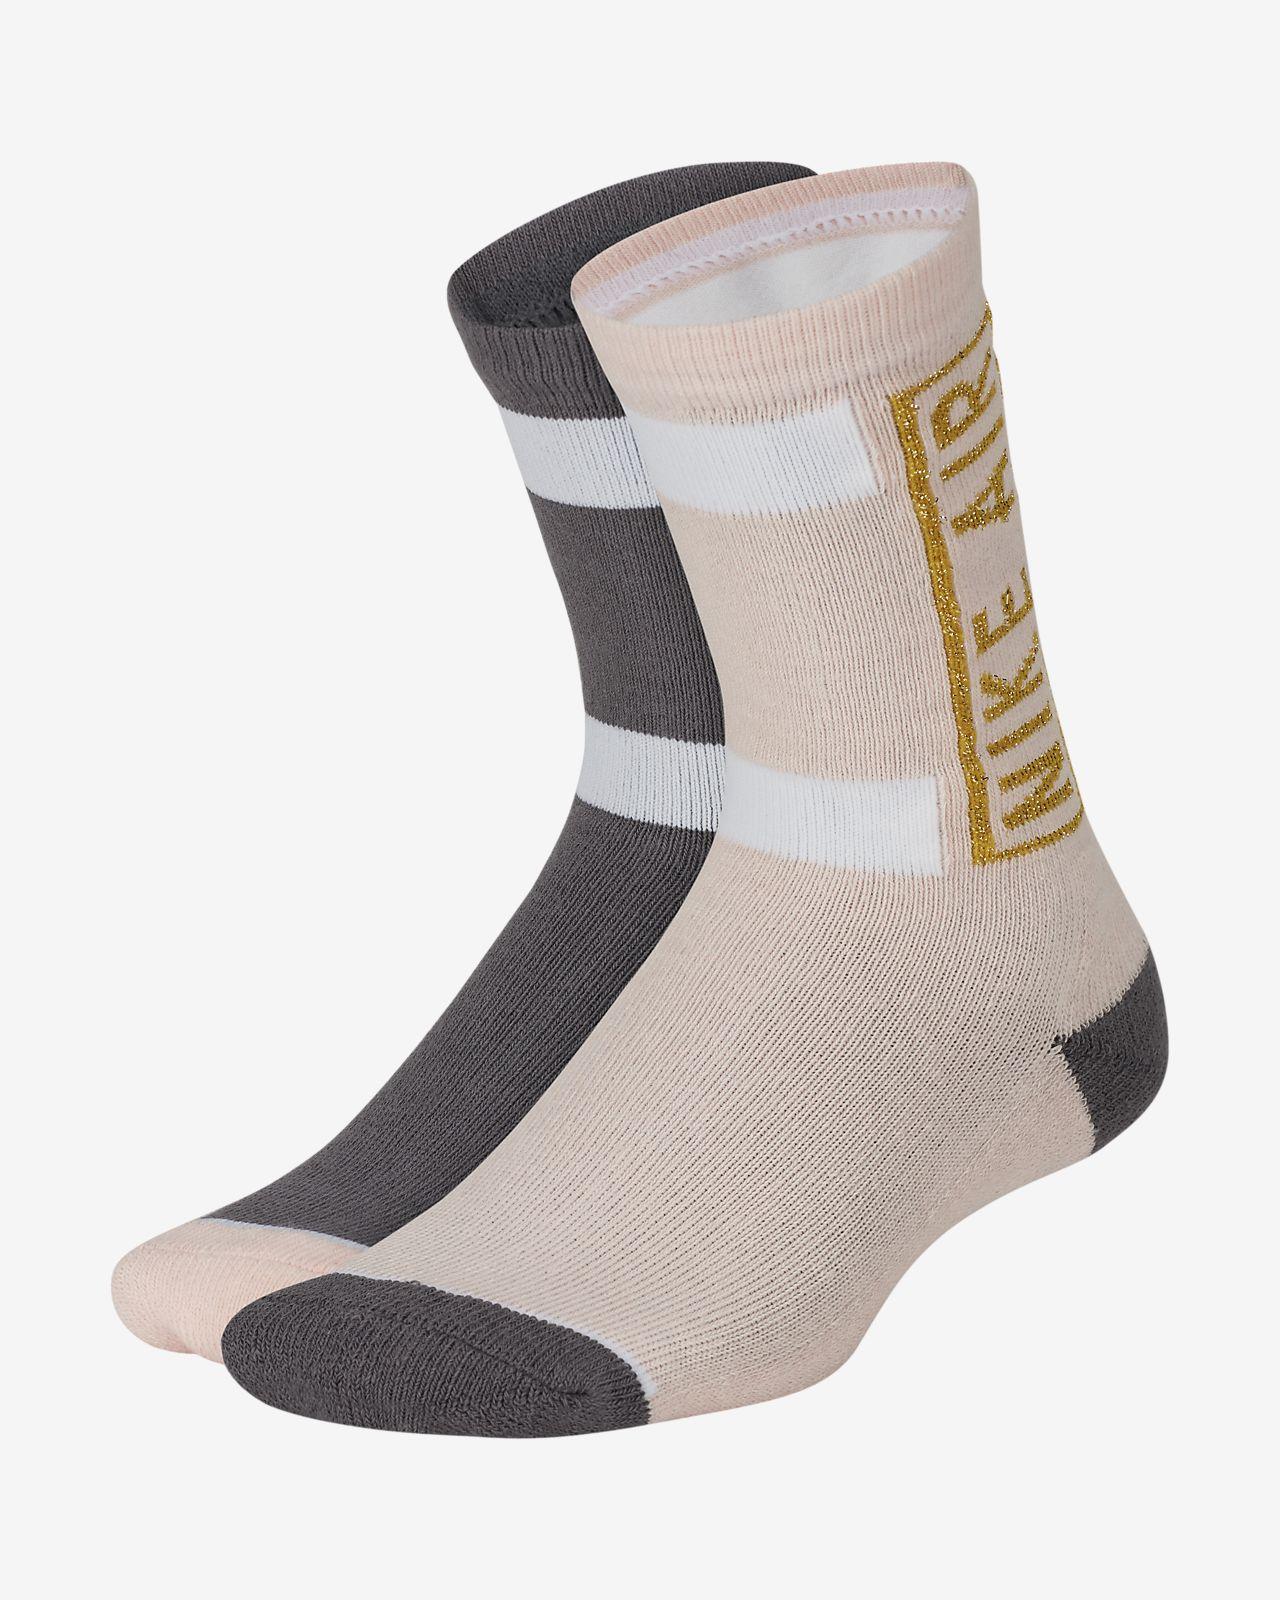 Nike Air Little Kids' Cushioned Crew Socks (2-Pack)